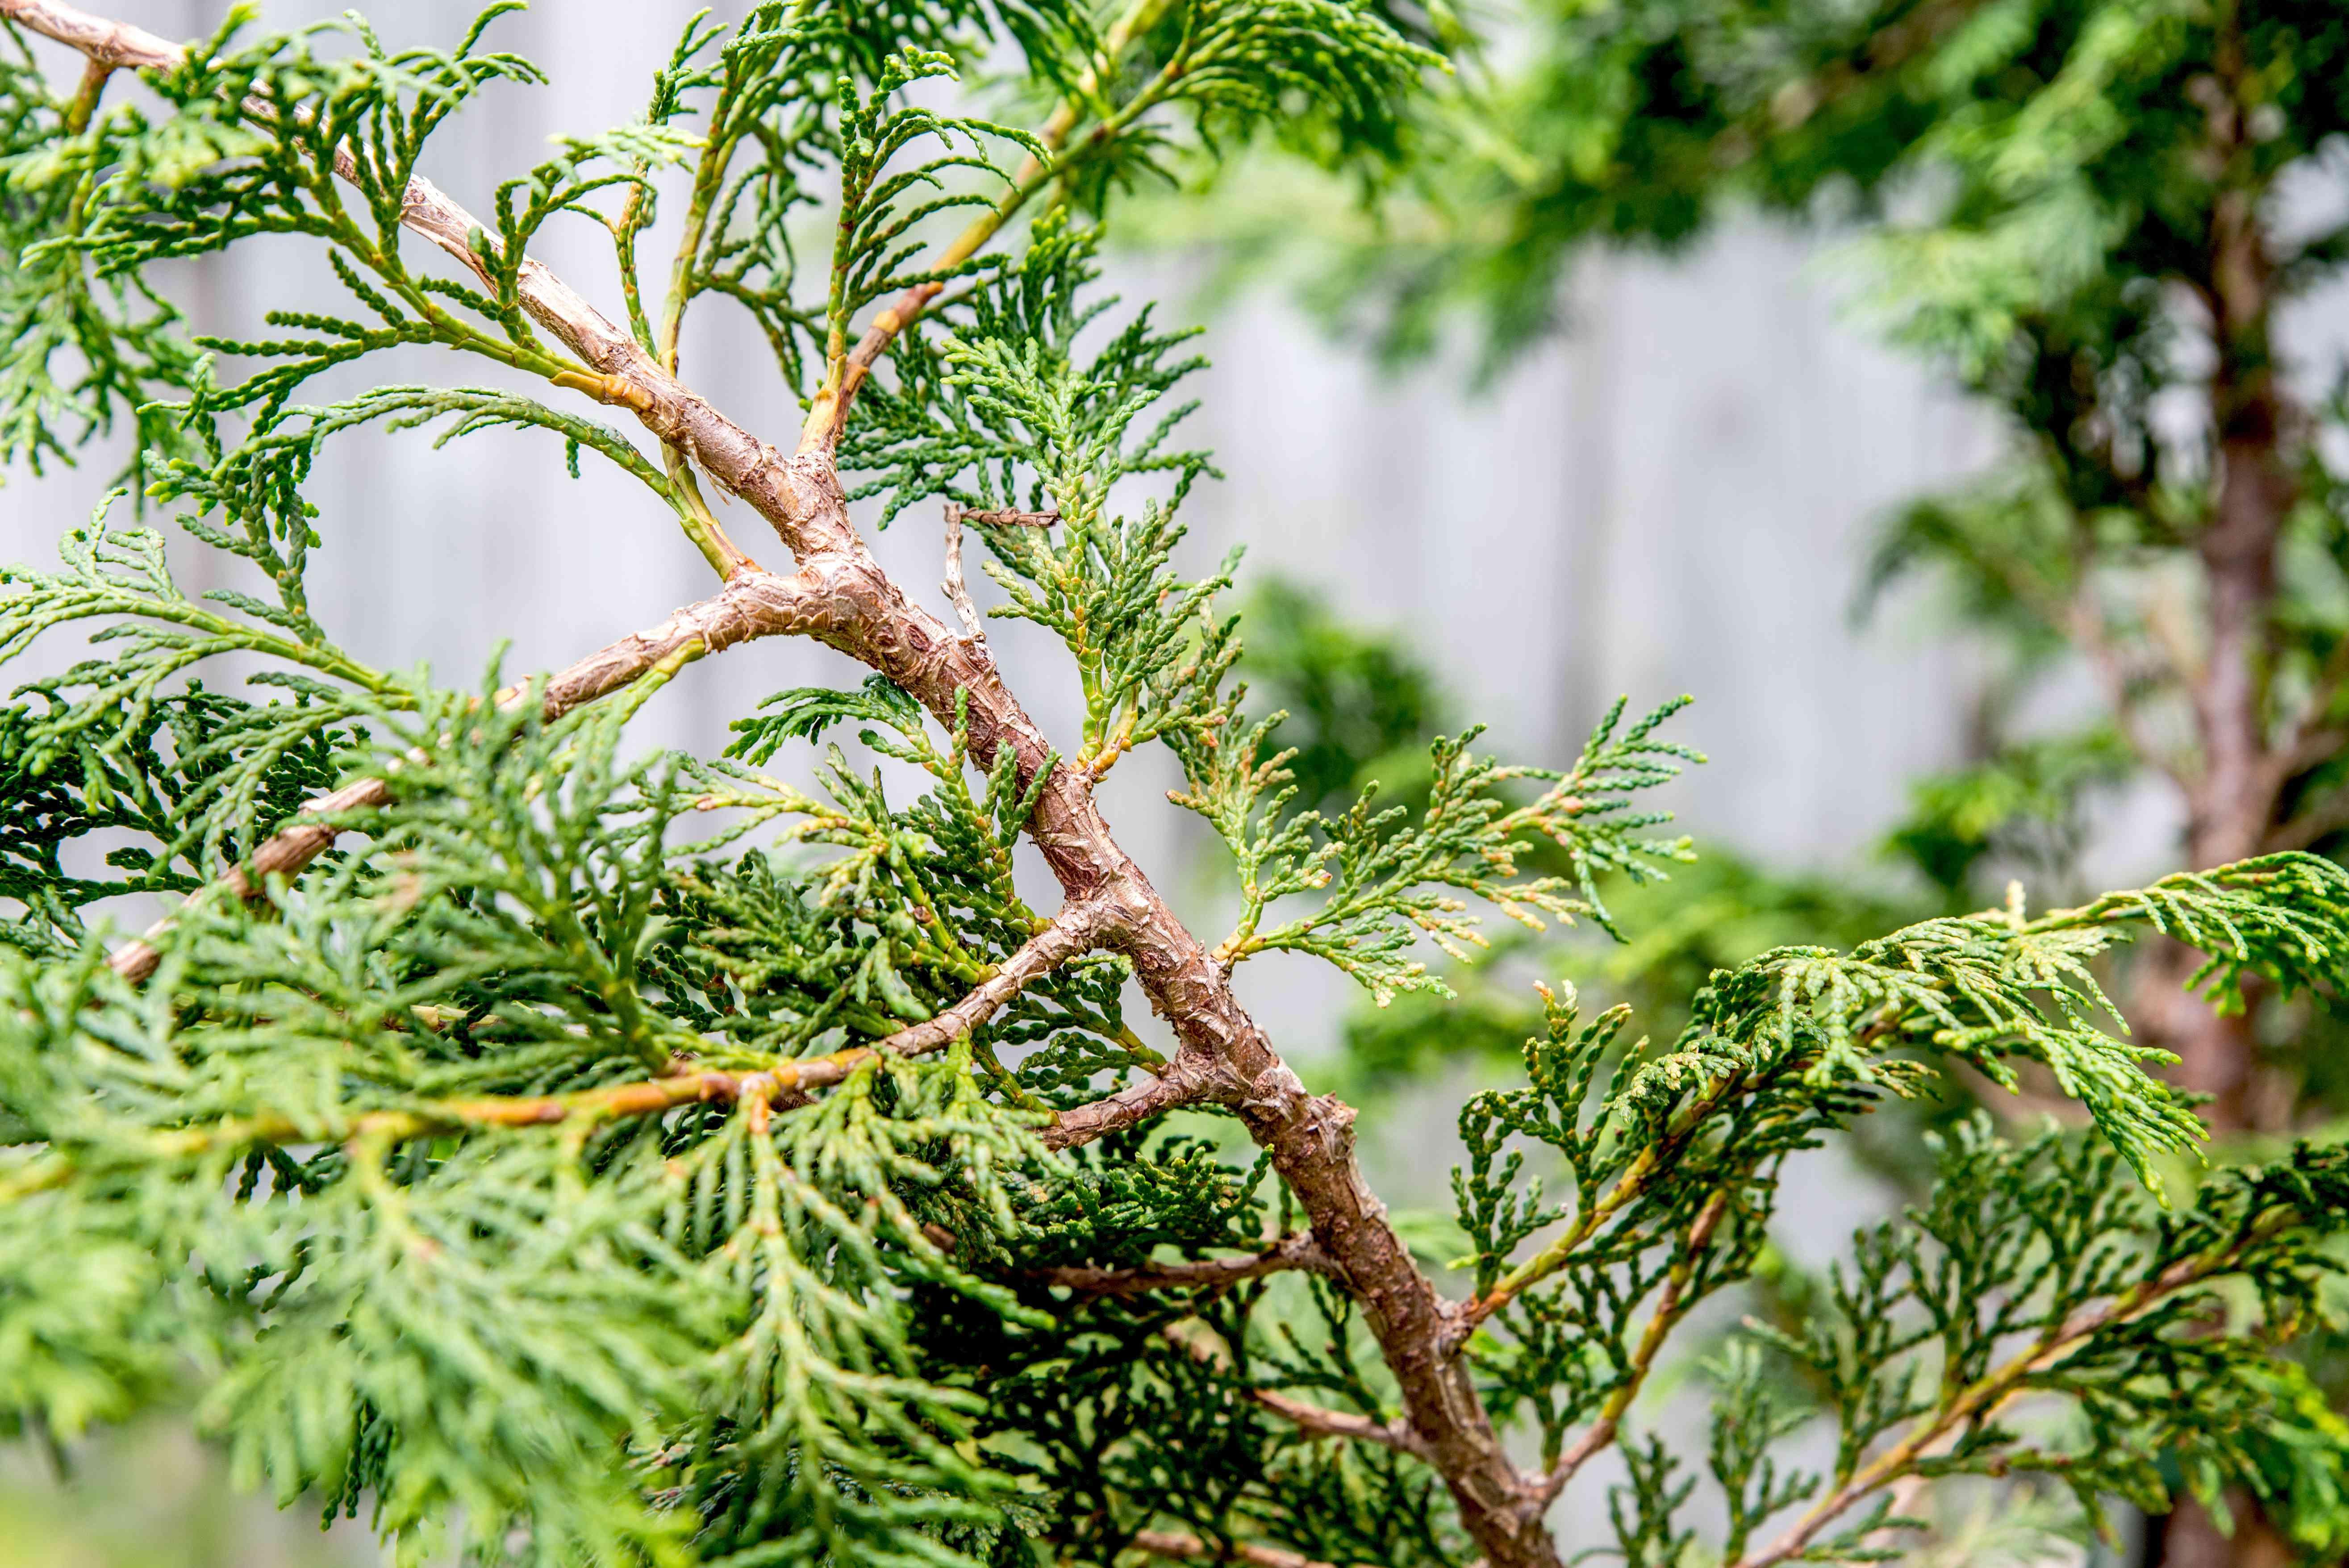 hinoki cypress tree leaf detail